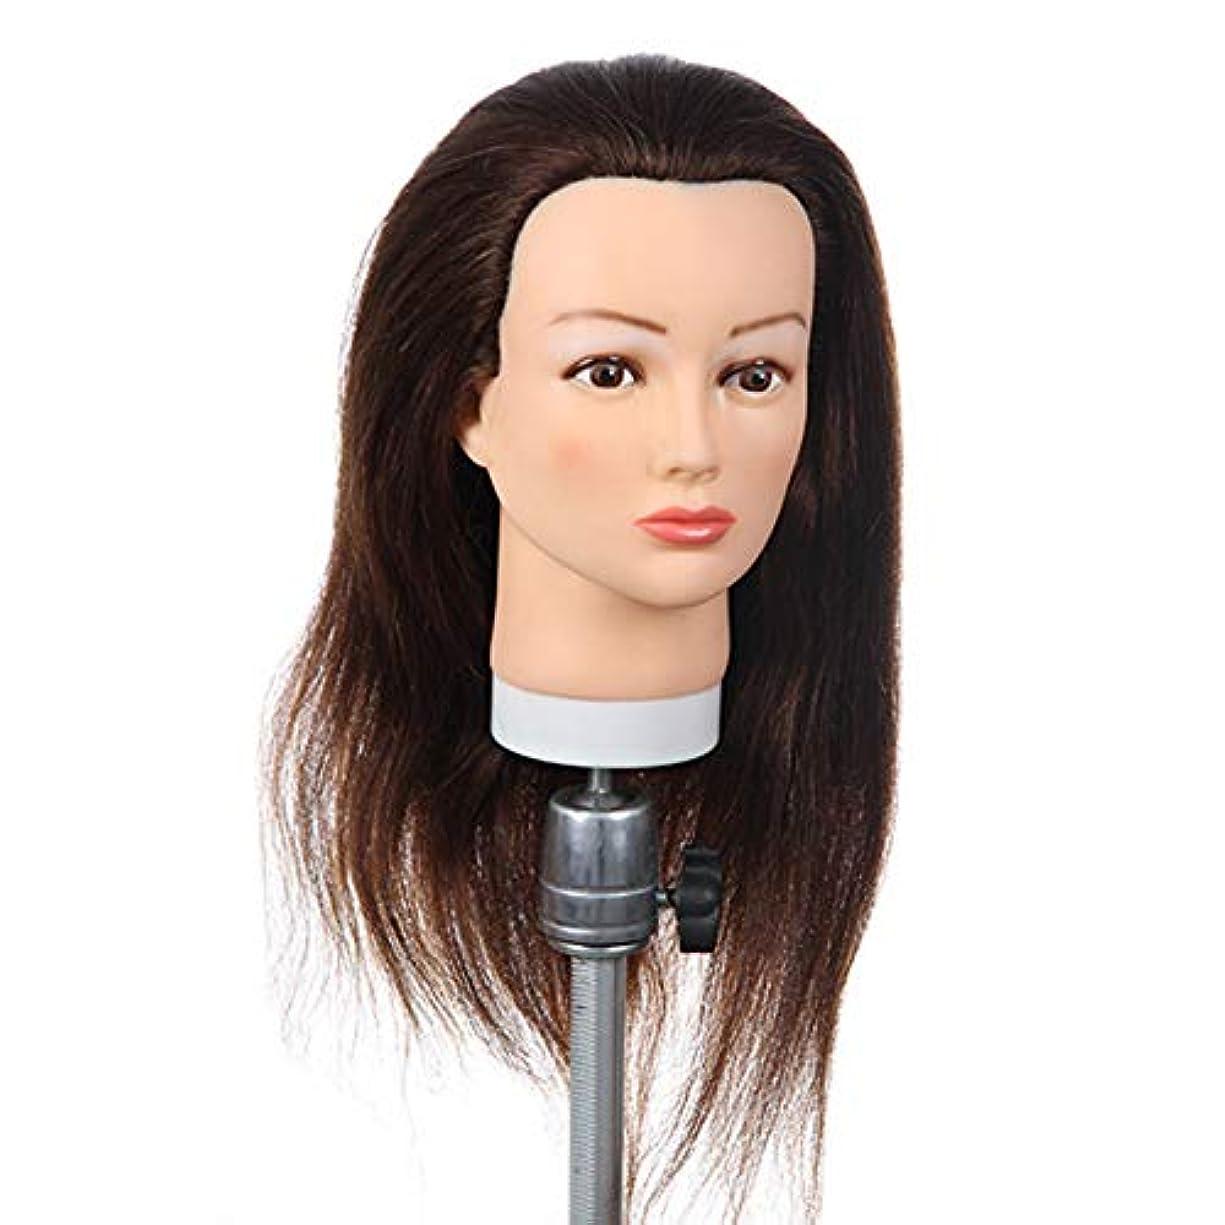 推定魔女発疹理髪店理髪練習ヘッドパーマ髪染め髪ダミーヘッド花嫁メイクスタイリング編組マネキンヘッド